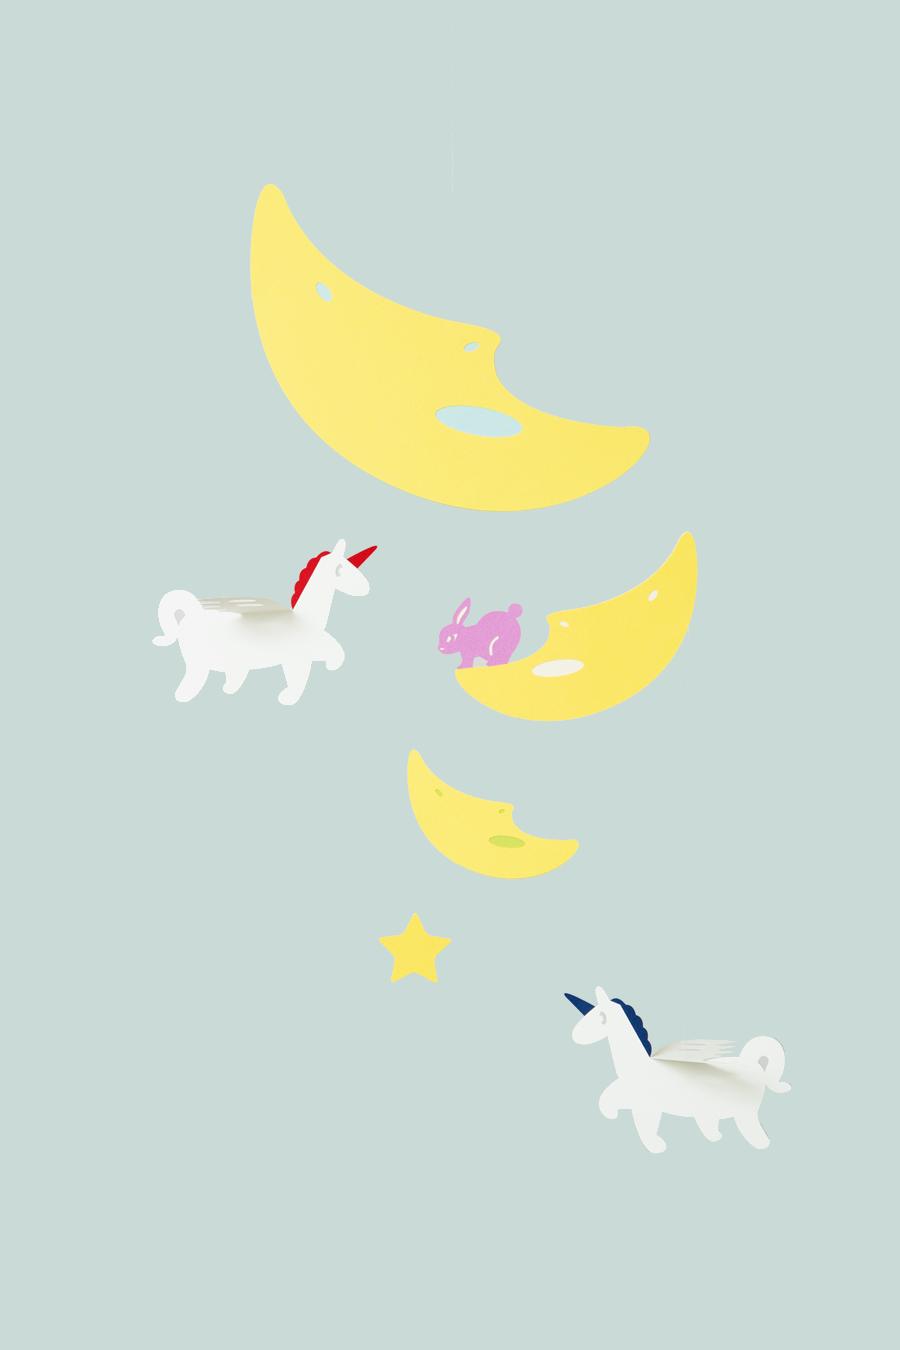 月と天馬ーAround the moonー